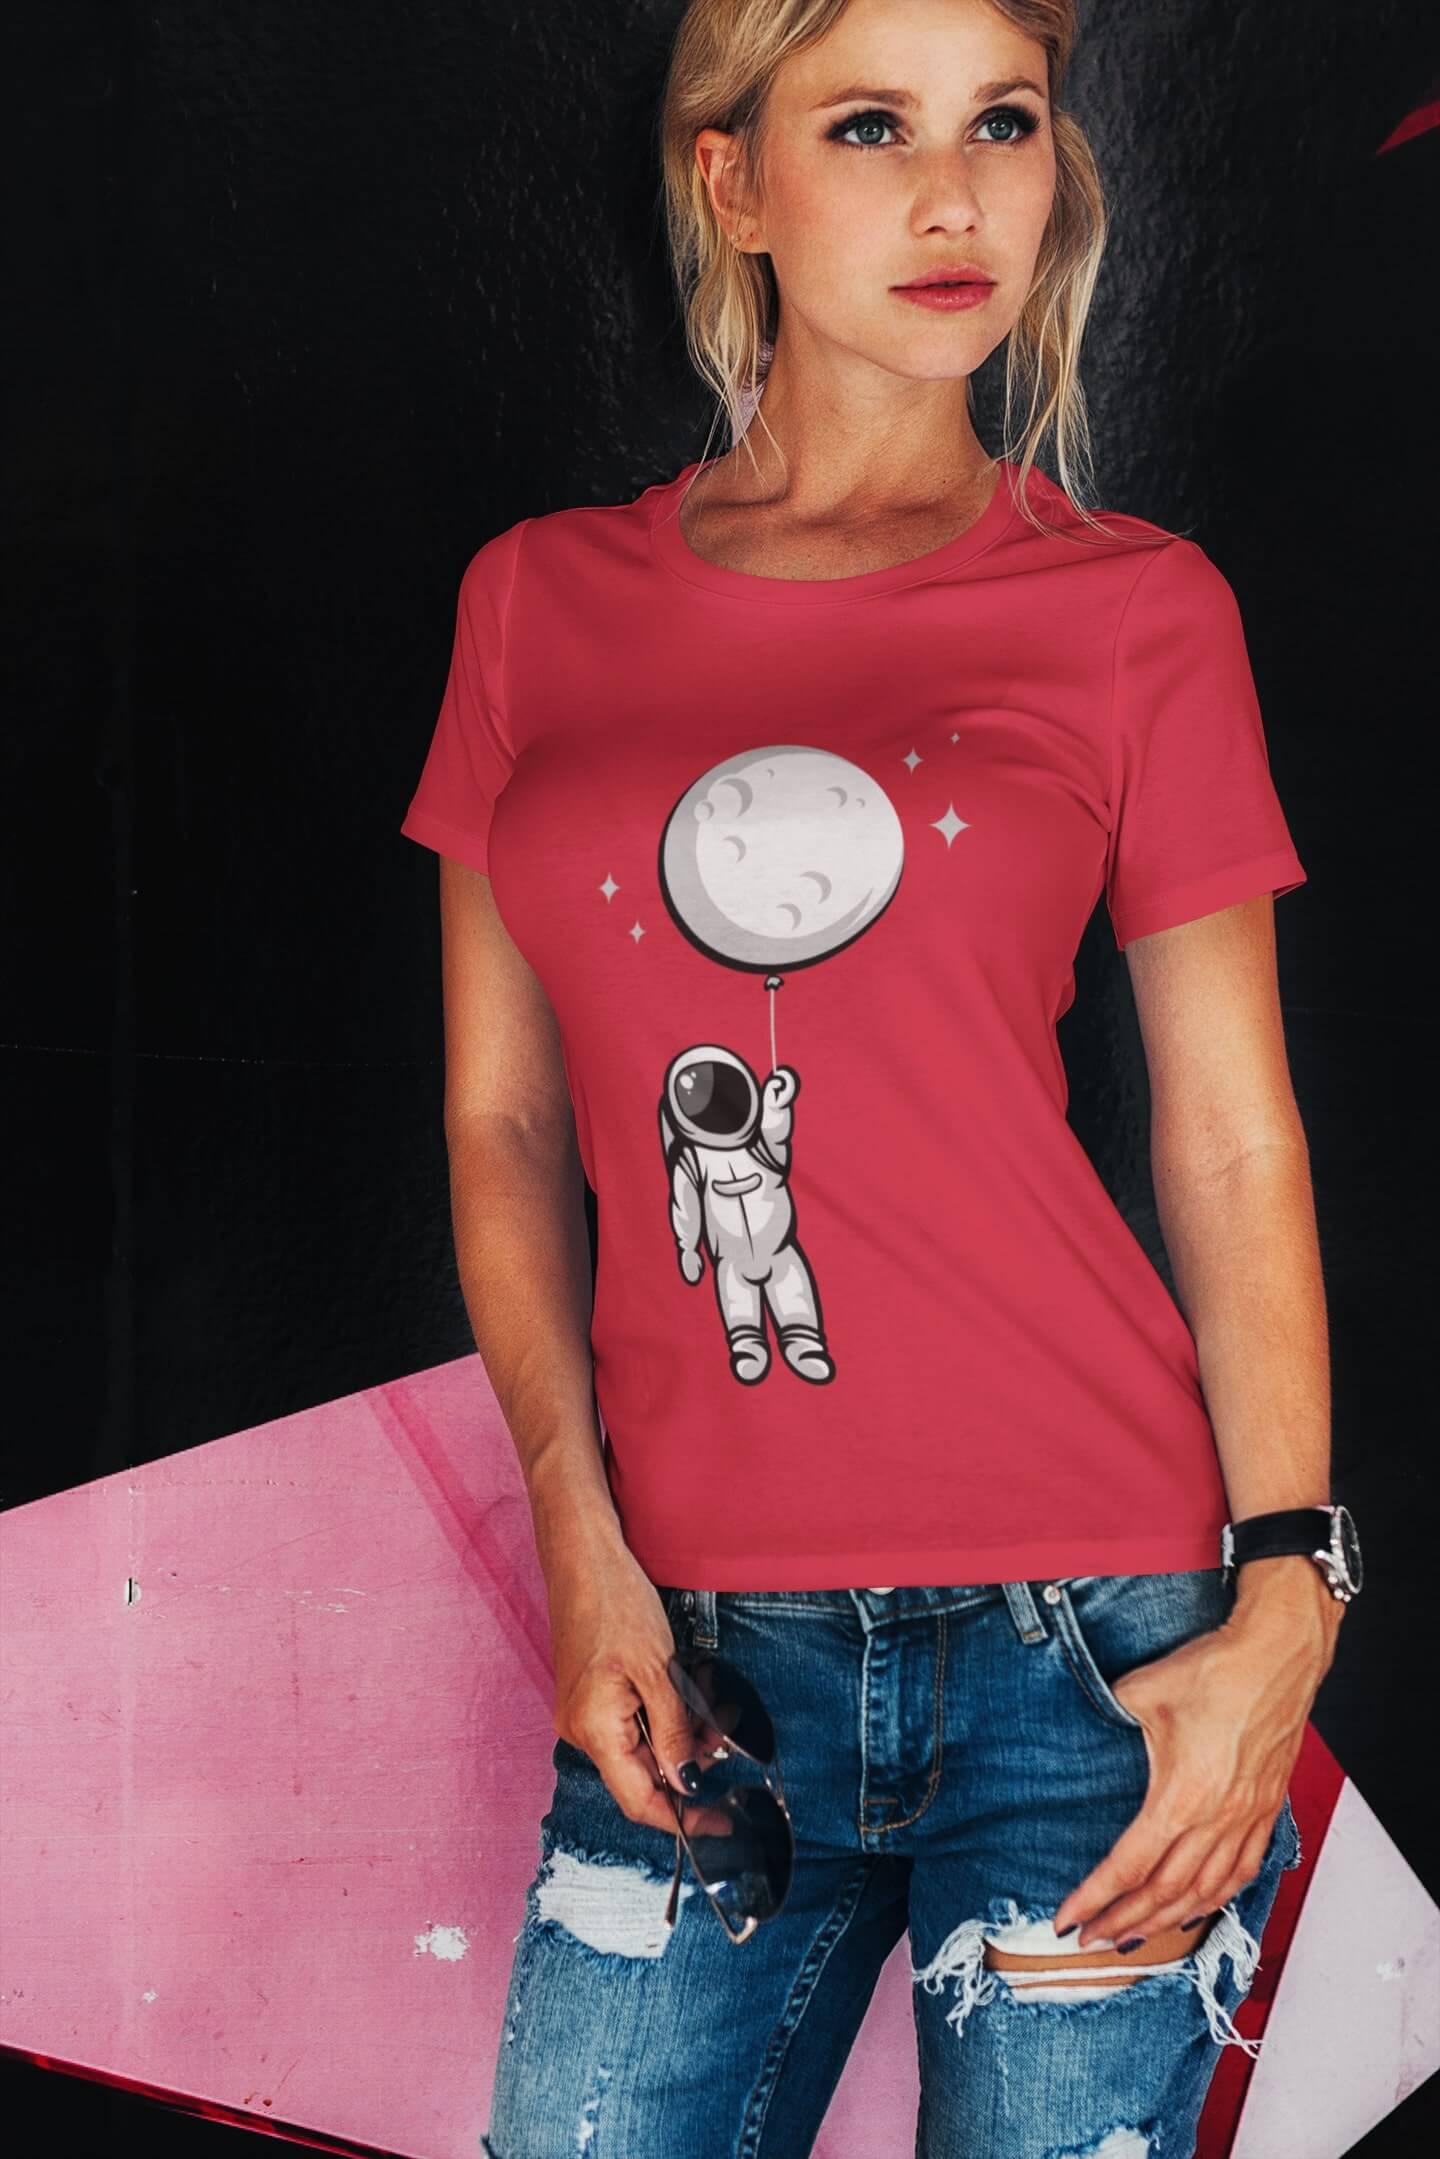 MMO Dámske tričko Astronaut Vyberte farbu: Červená, Dámska veľkosť: M